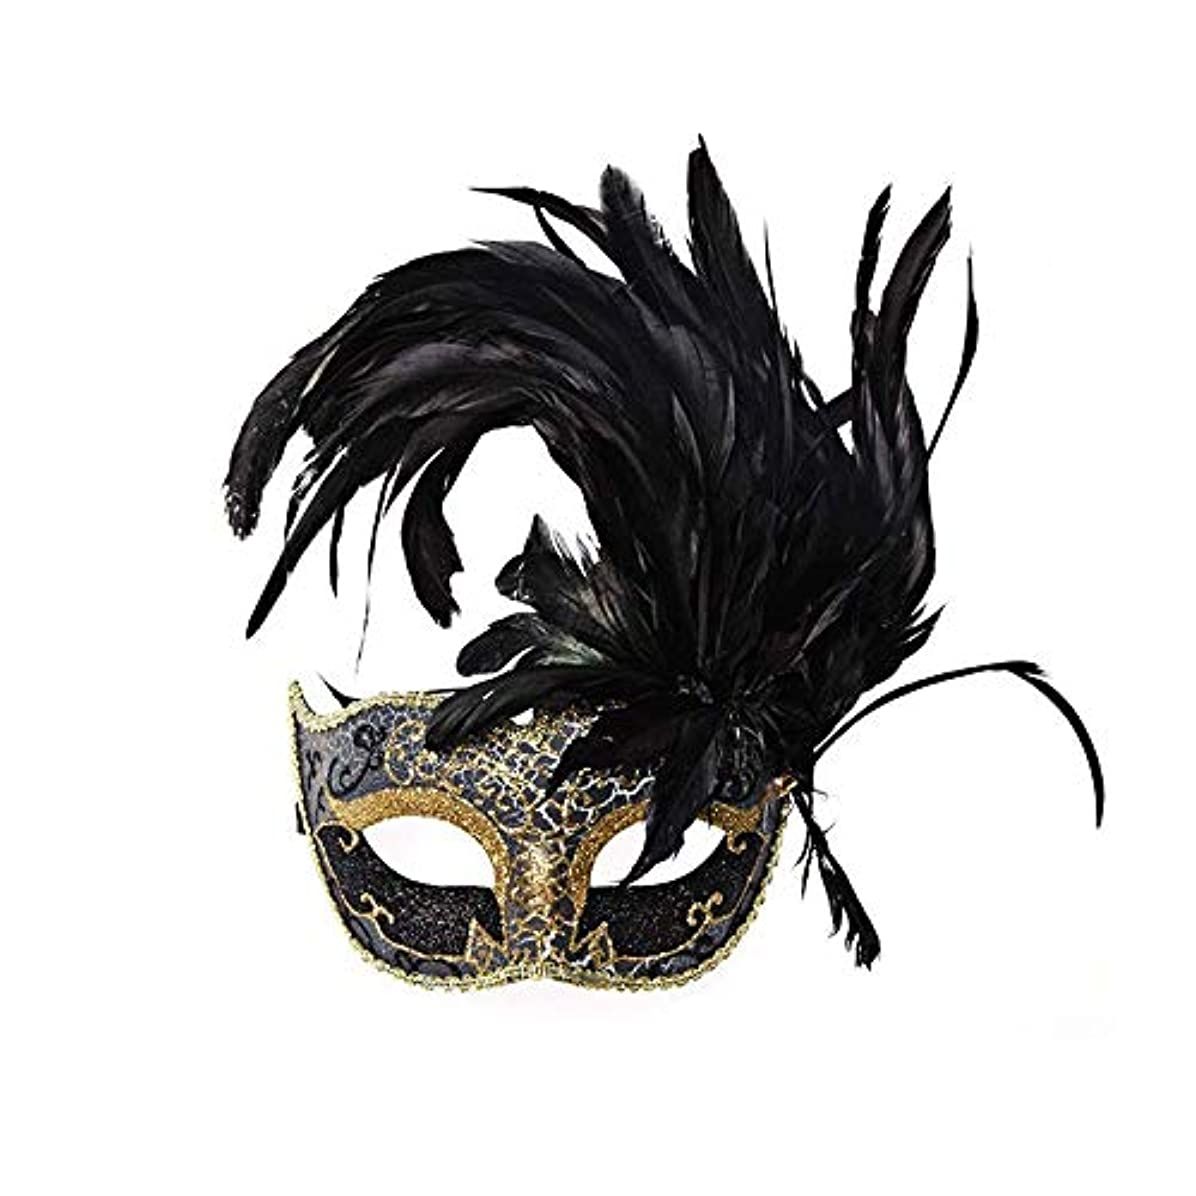 クアッガ有料夕暮れNanle ハロウィンマスクハーフフェザーマスクベニスプリンセスマスク美容レース仮面ライダーコスプレ (色 : Style A black)